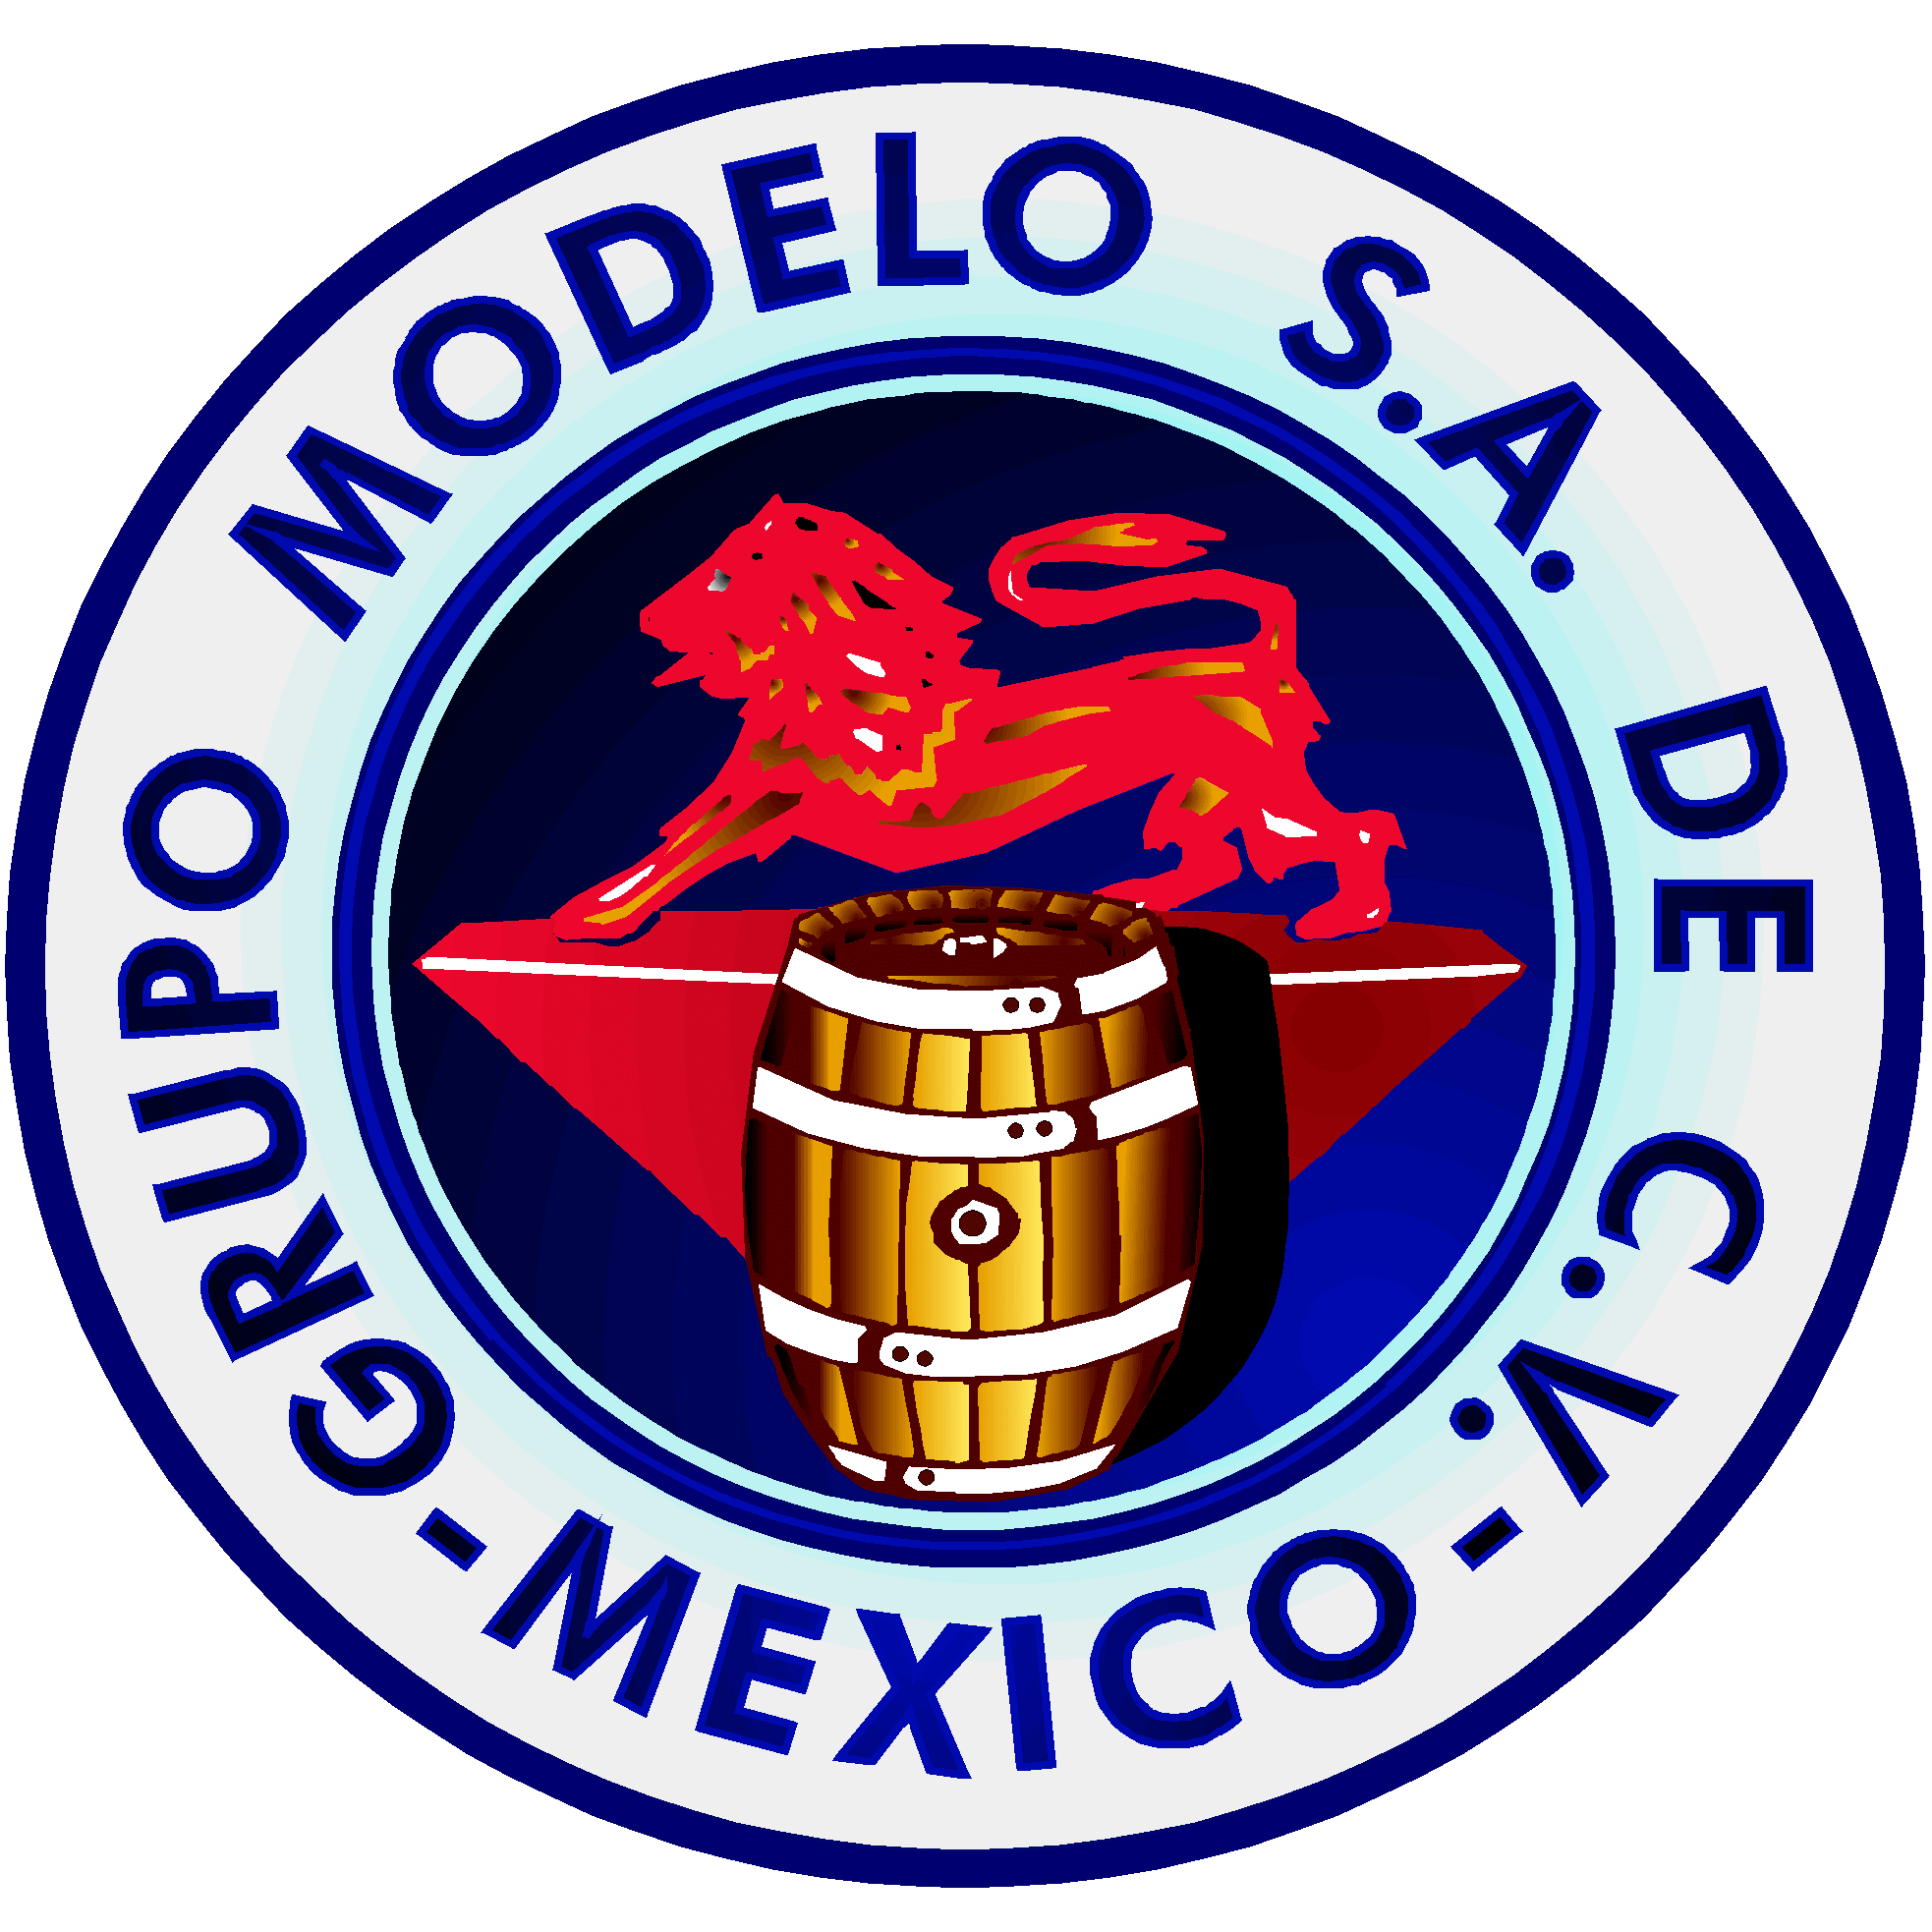 Grupo Modelo (@MomentoModelo) | Twitter